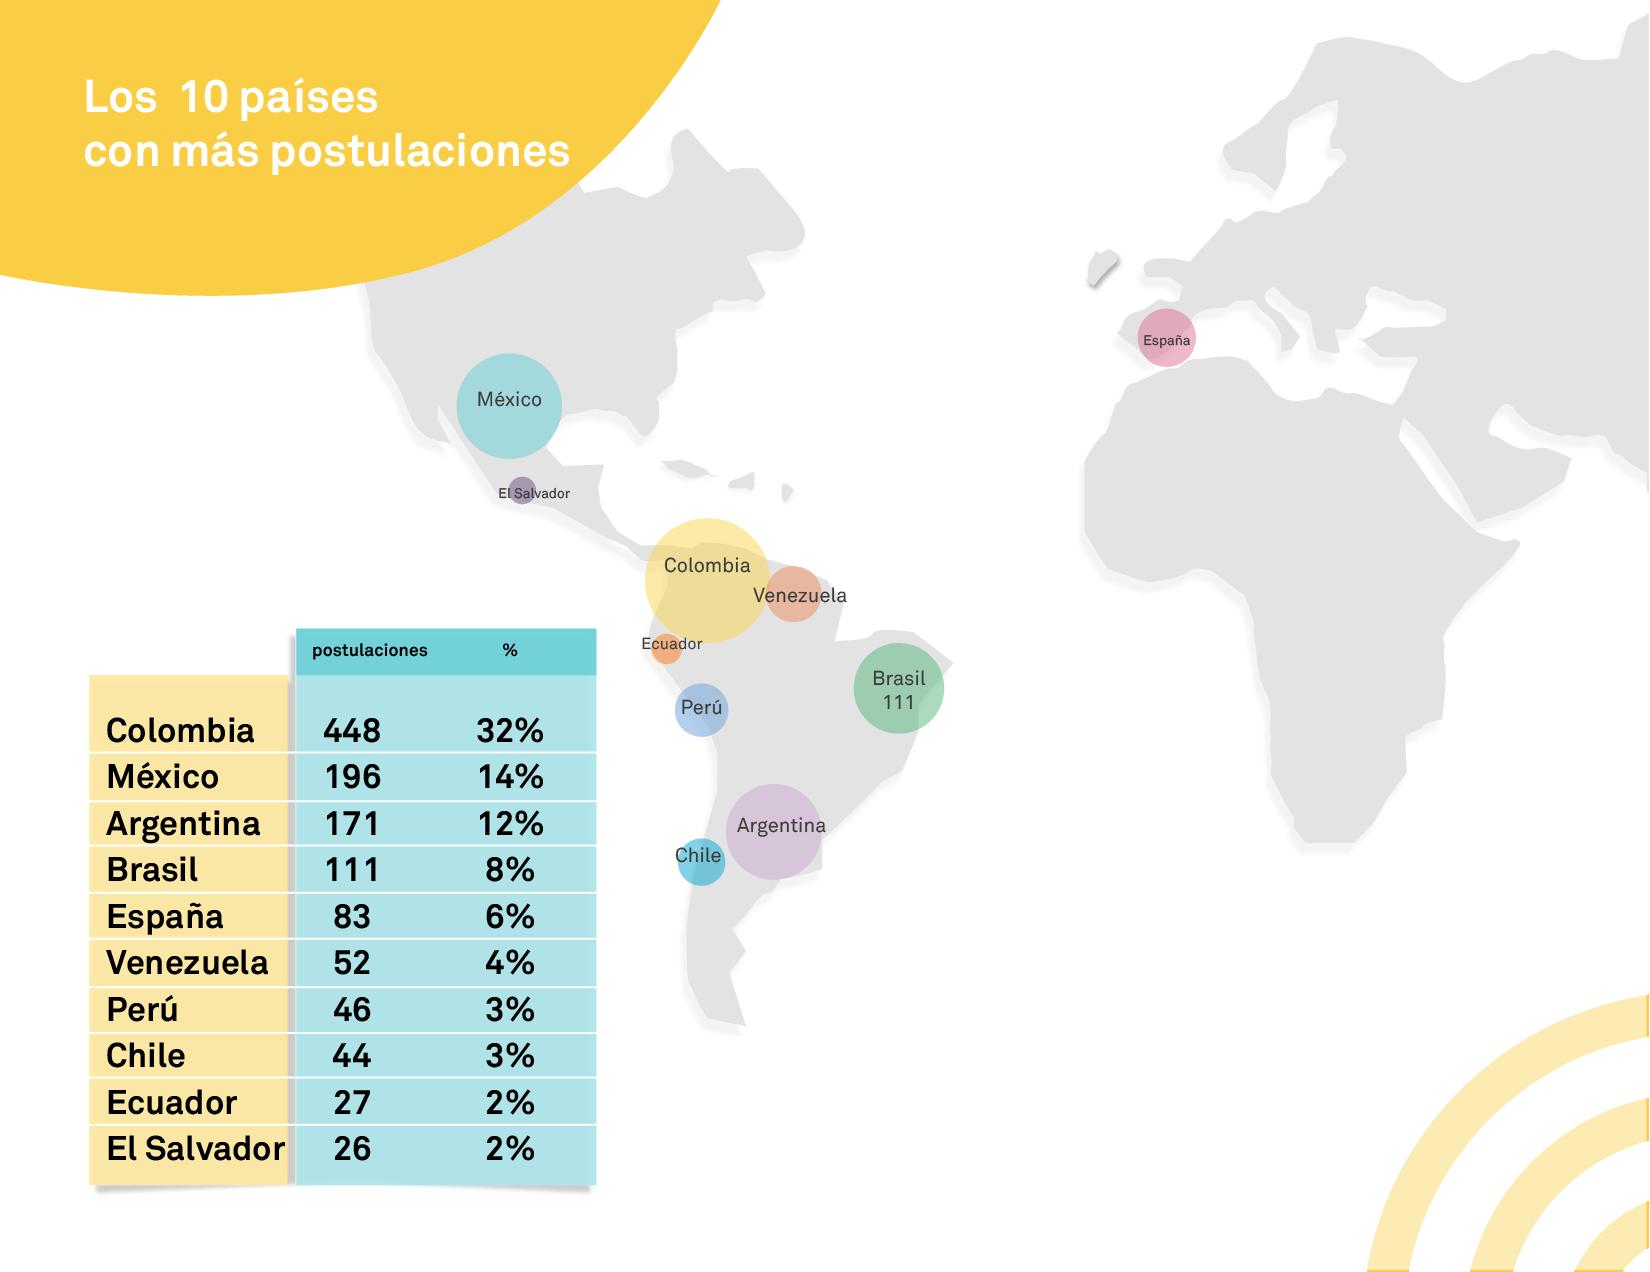 10-paises-con-mas-postulaciones